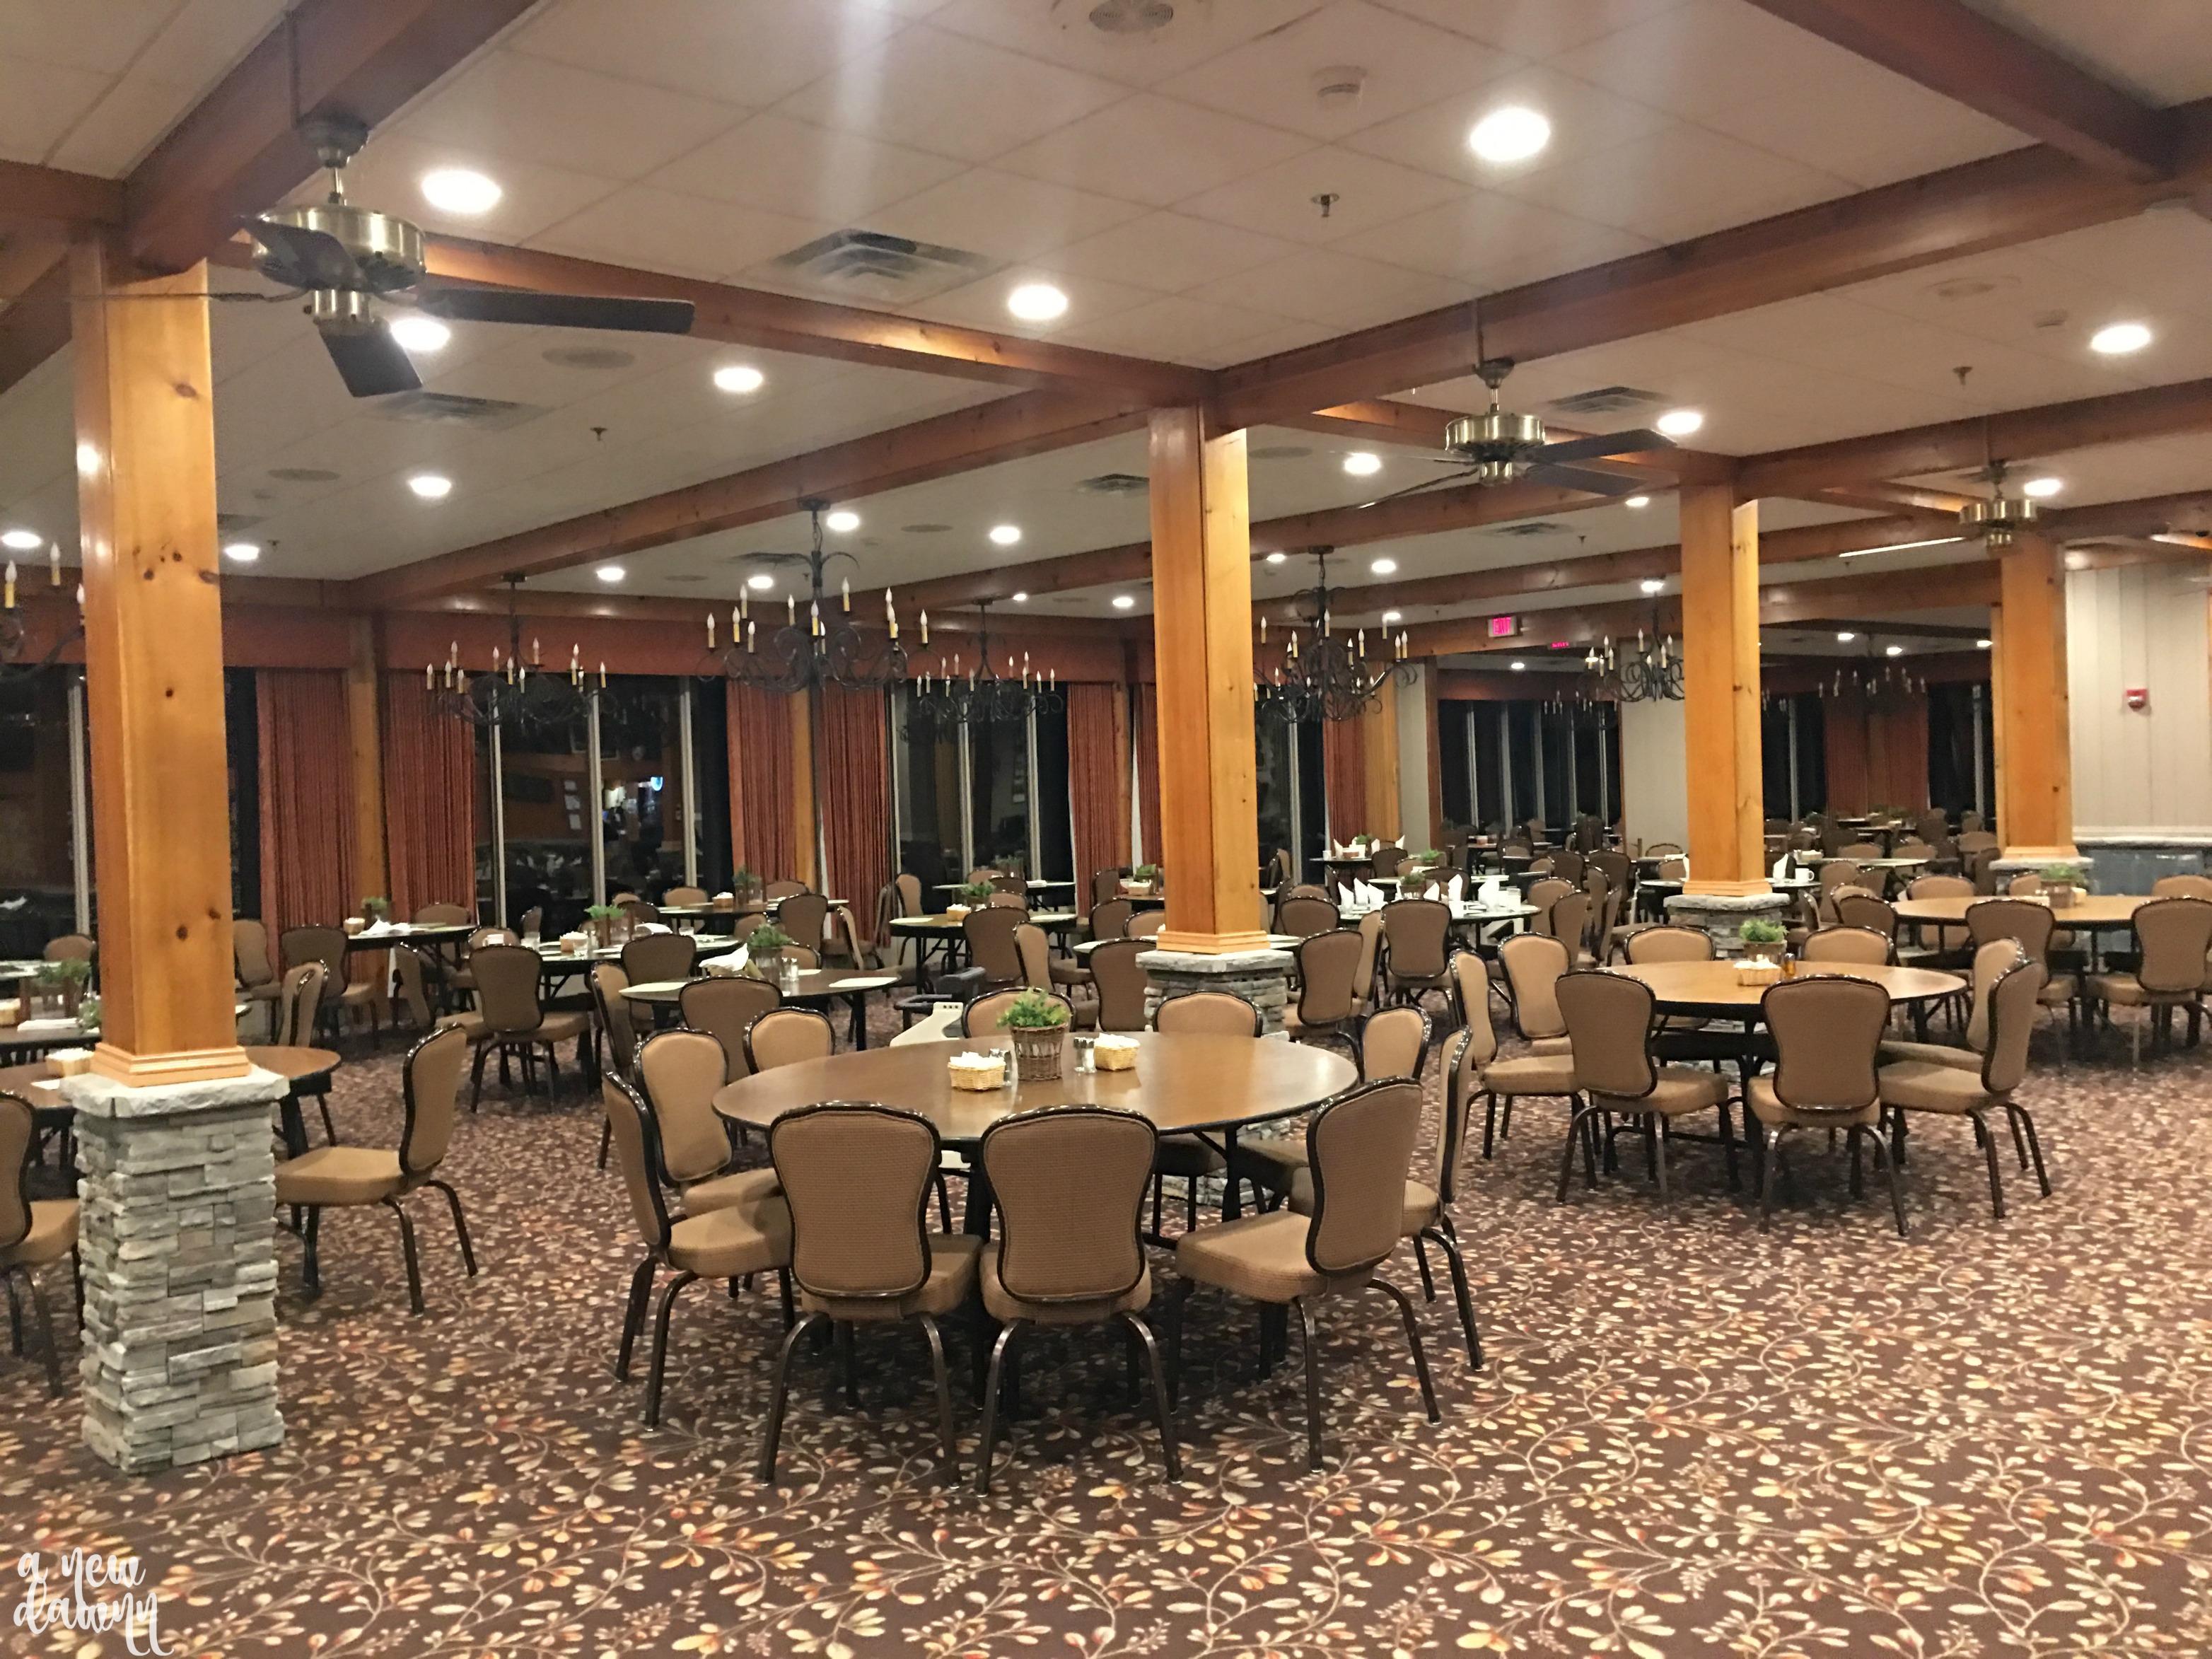 Woodloch-dining-room